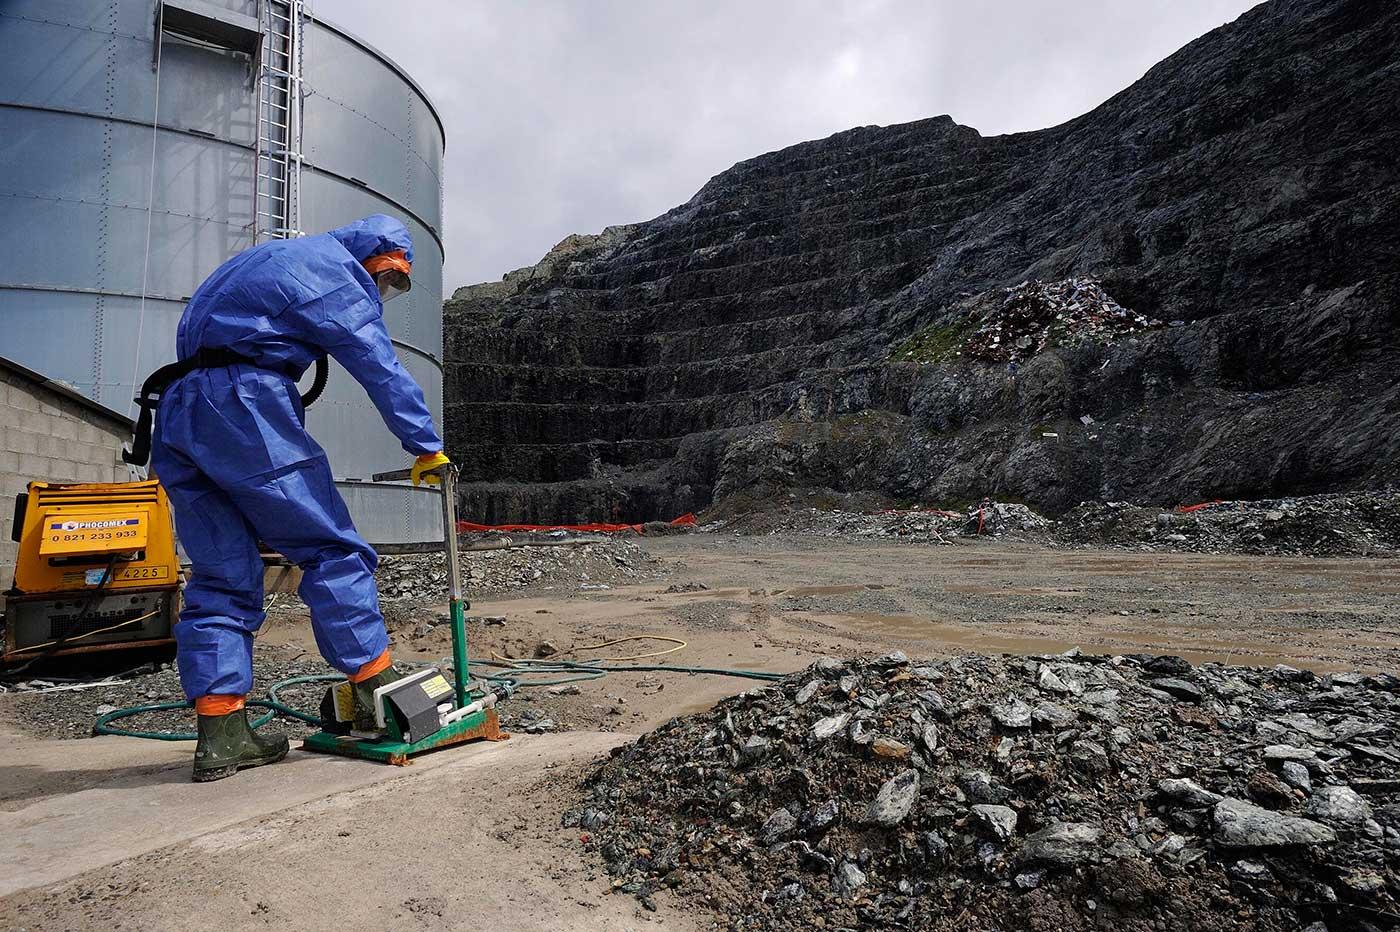 Quelques mesures de protection pour des travaux exposant à l amiante abcb8c6073b3